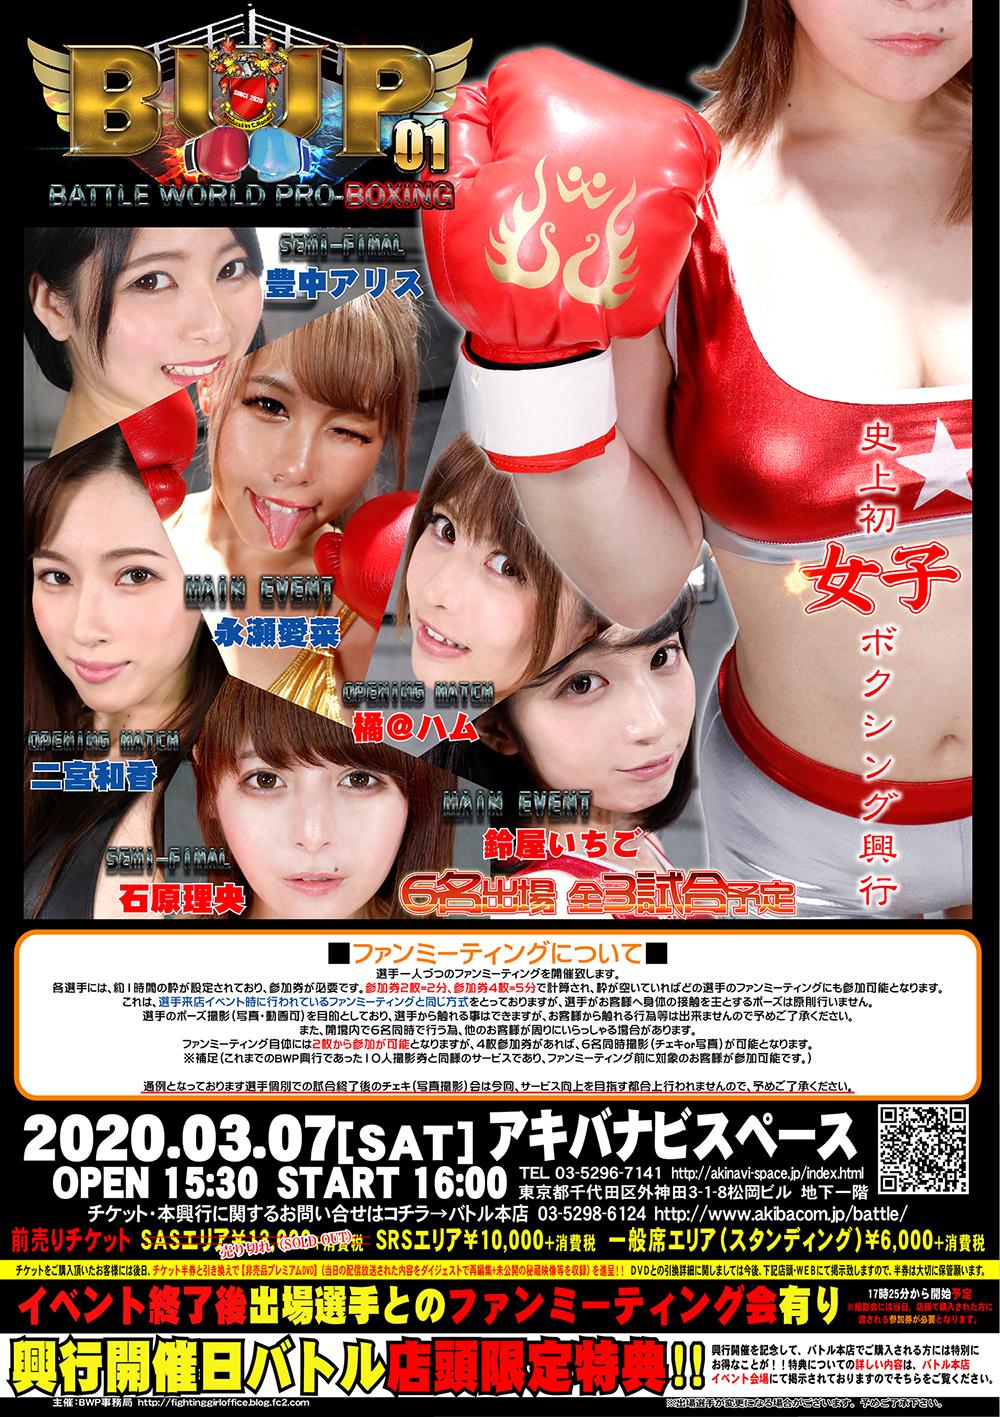 BWPボクシング興行01_宣伝ポスター